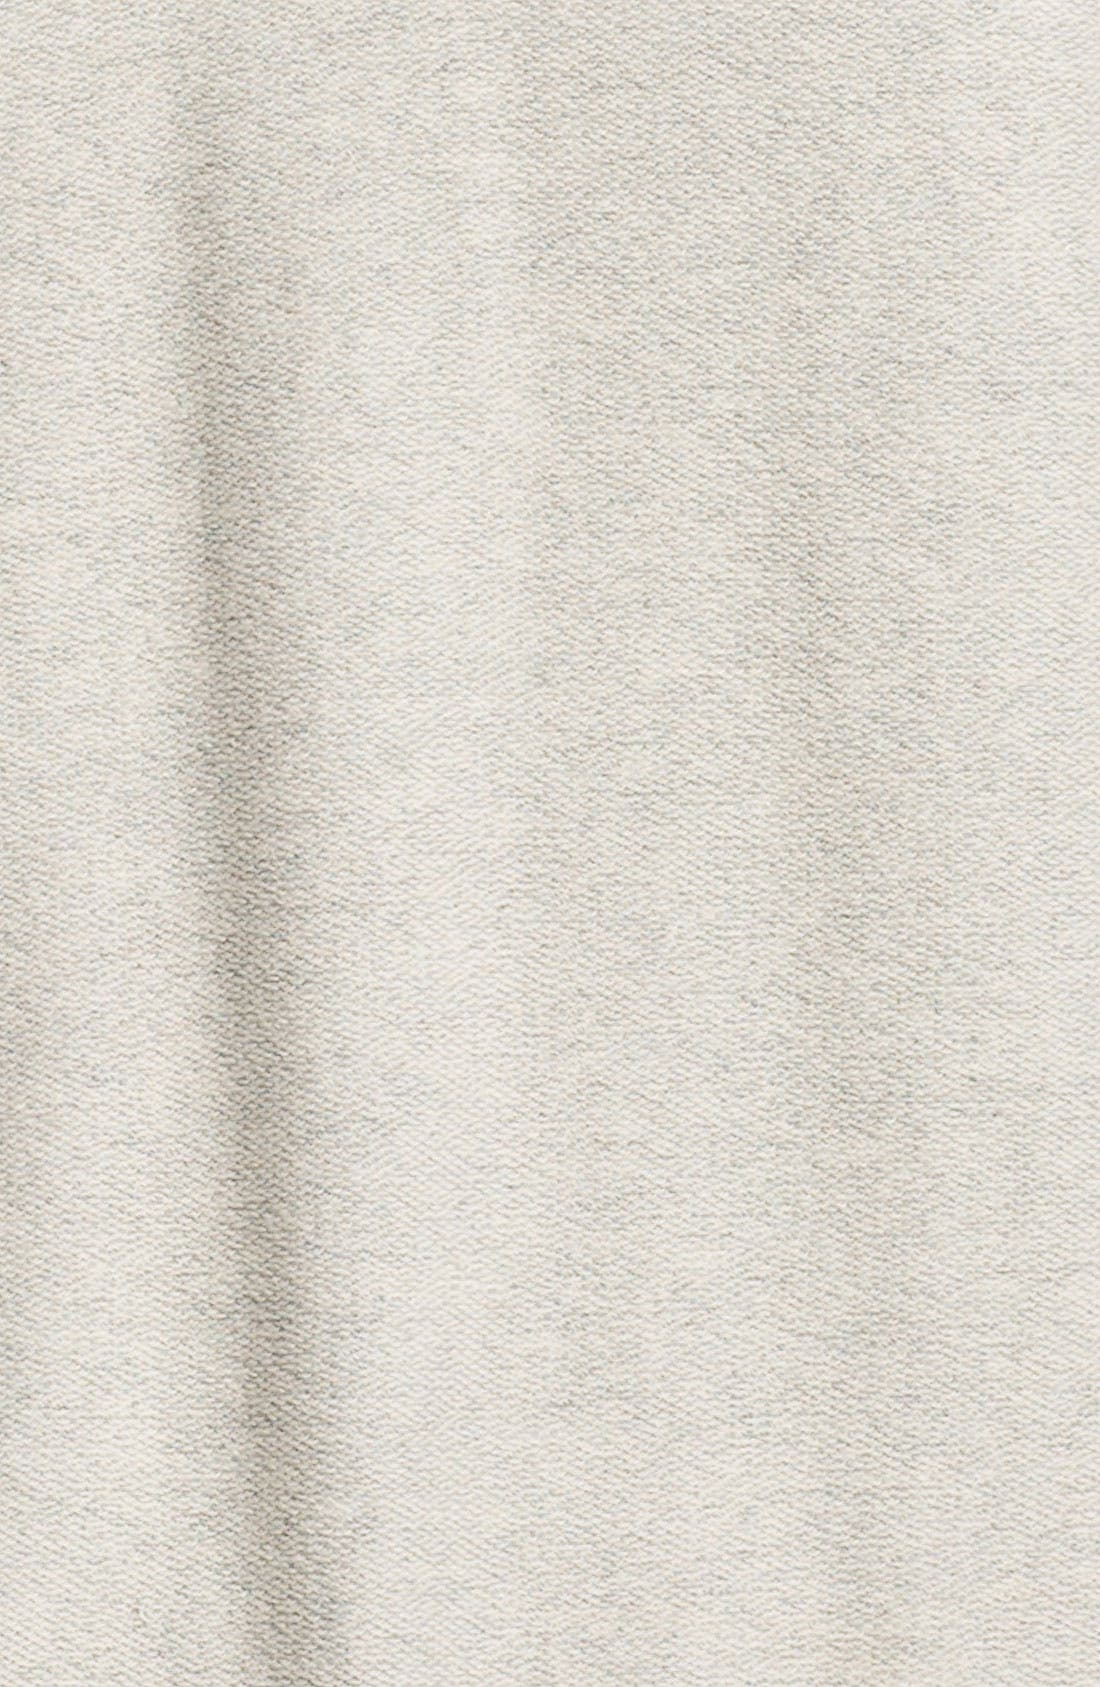 Alternate Image 3  - Cielo 'Inside Out' V-Neck Sweatshirt